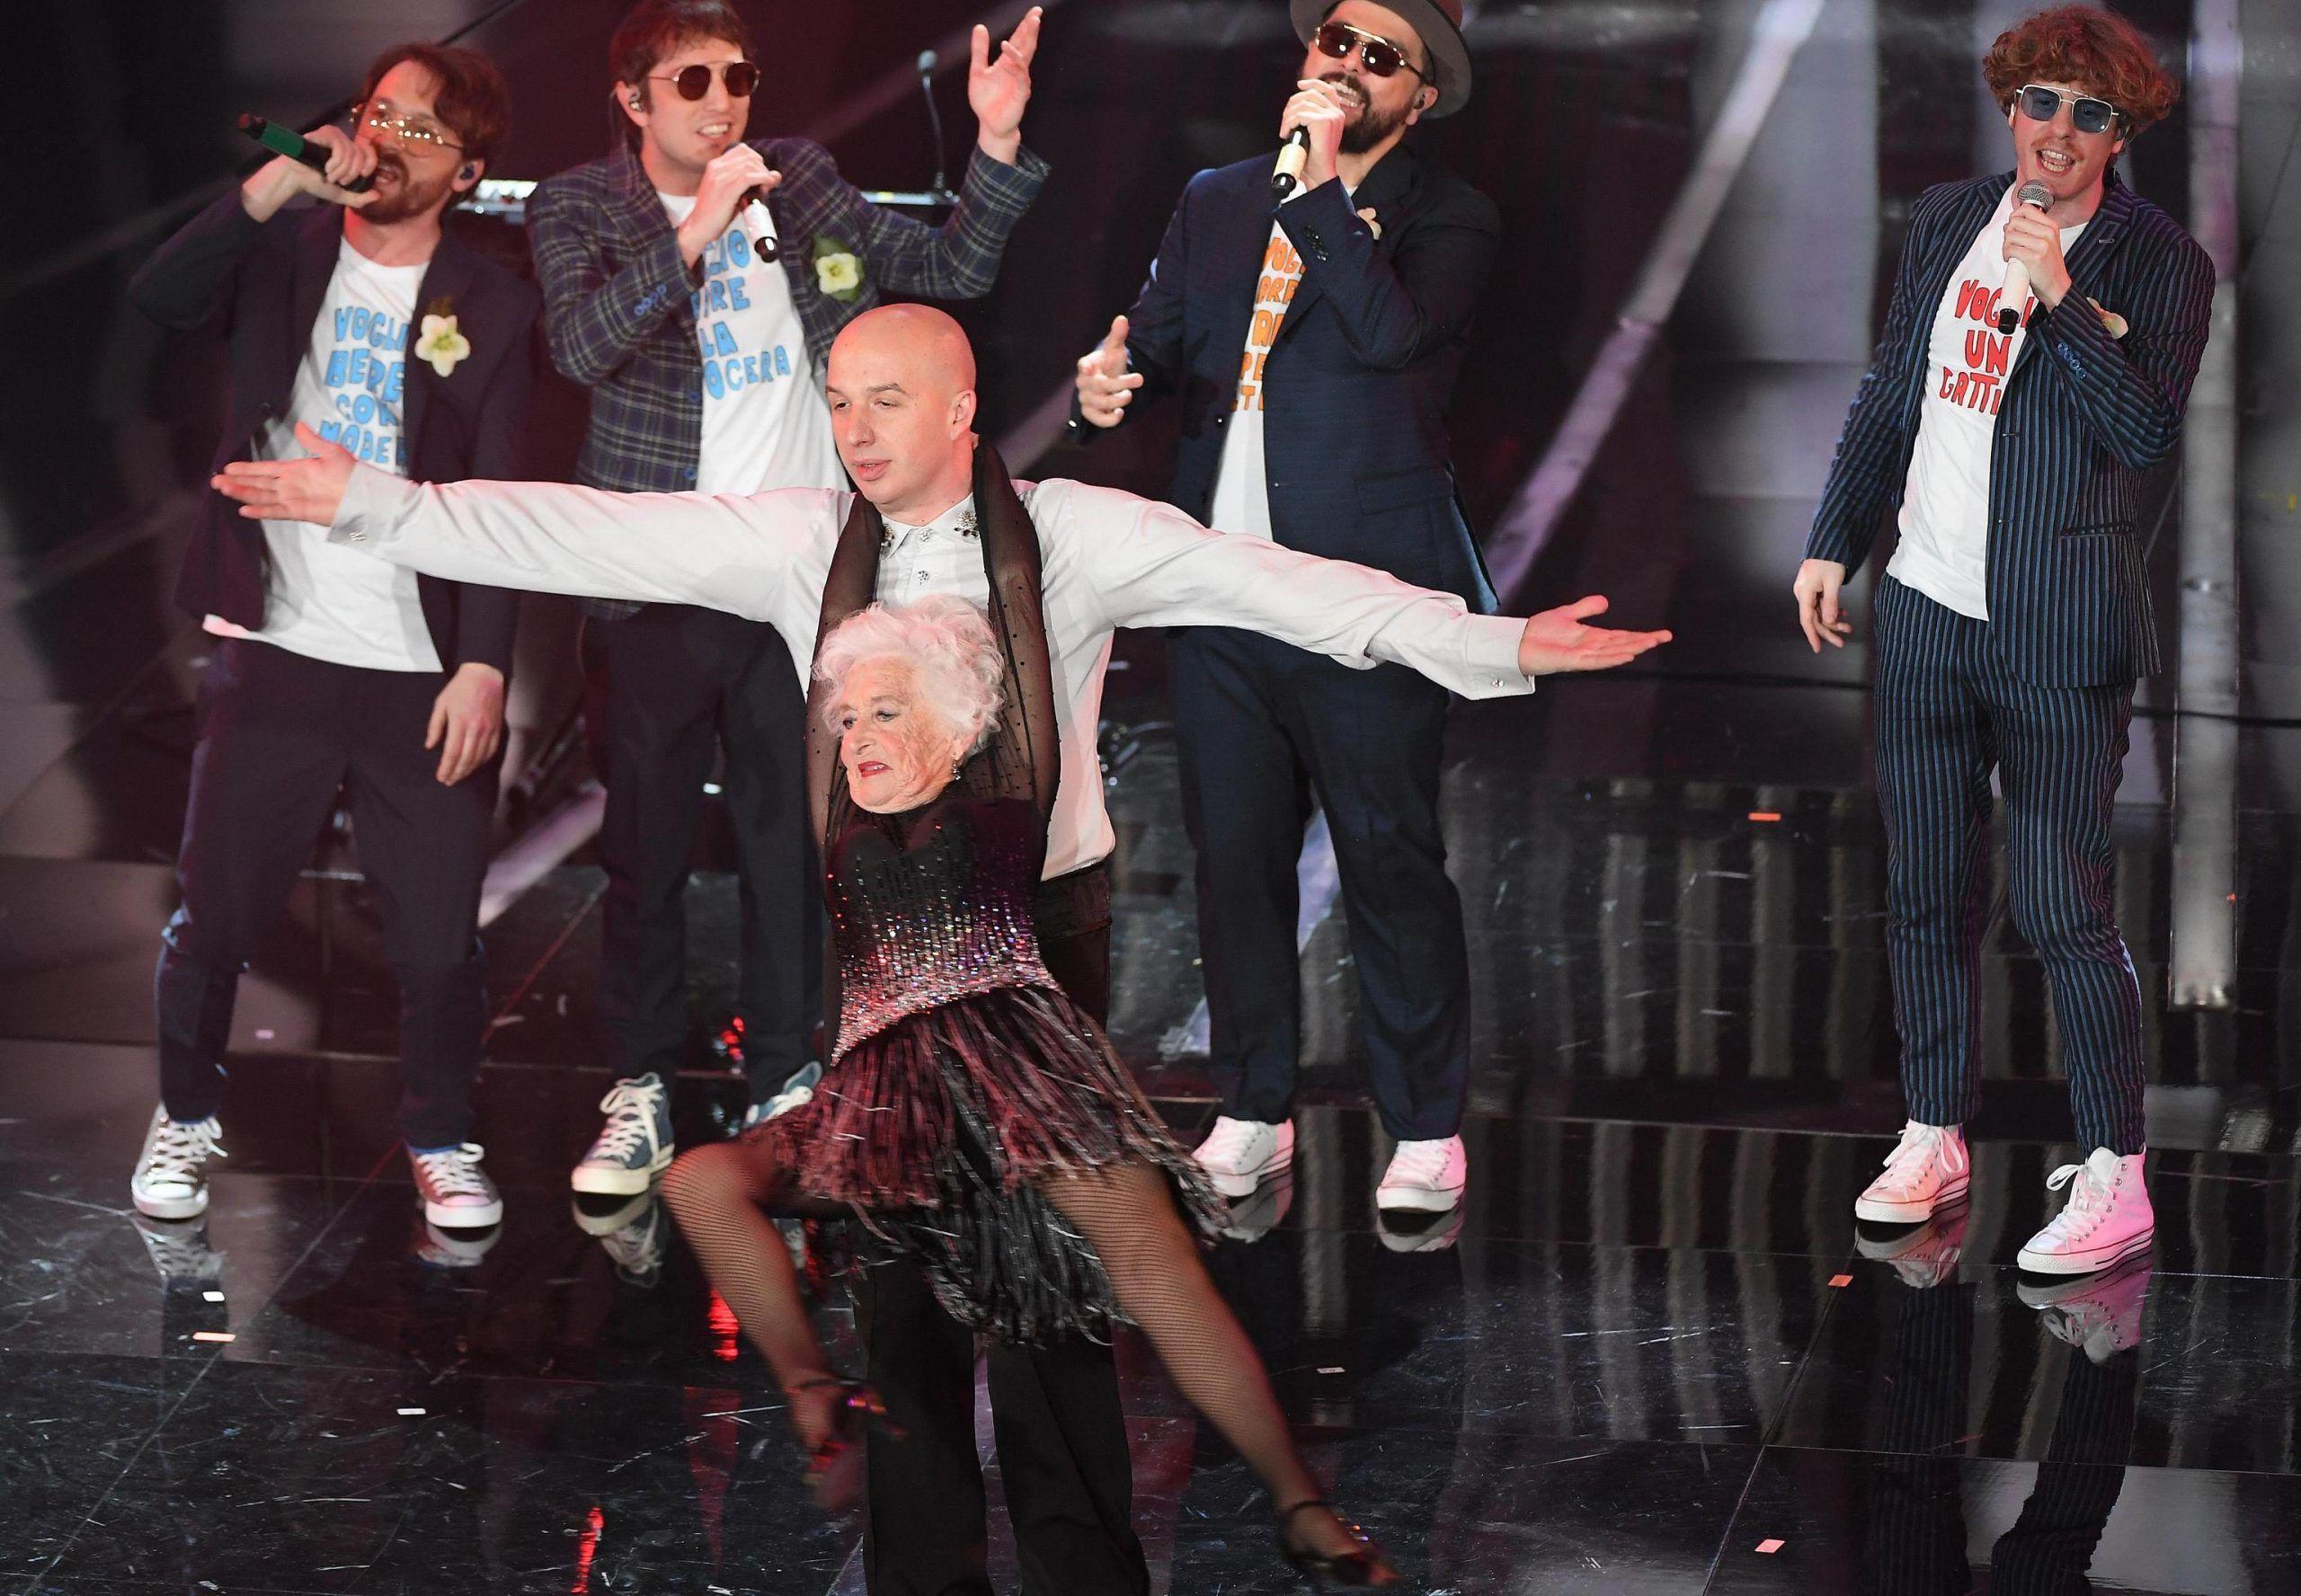 Lo Stato Sociale Sanremo 2018 vecchia che balla